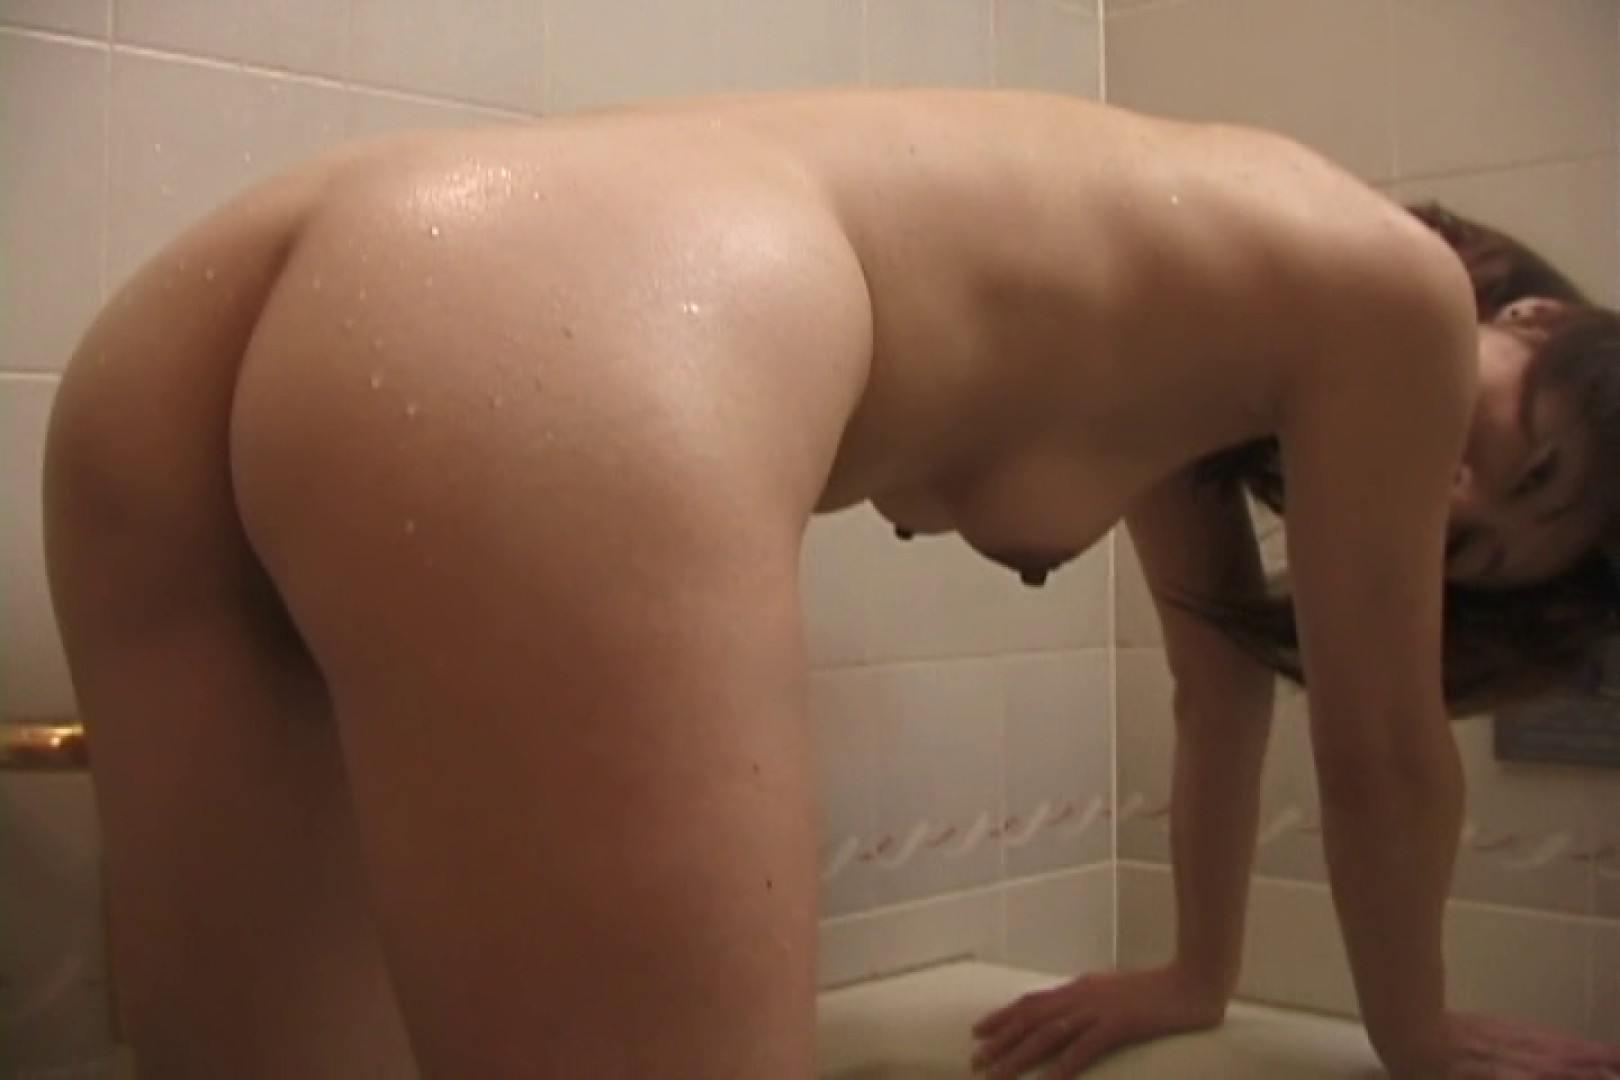 淫乱人妻に癒しを求める若い彼~川口早苗~ フェラ | マンコ  58pic 23